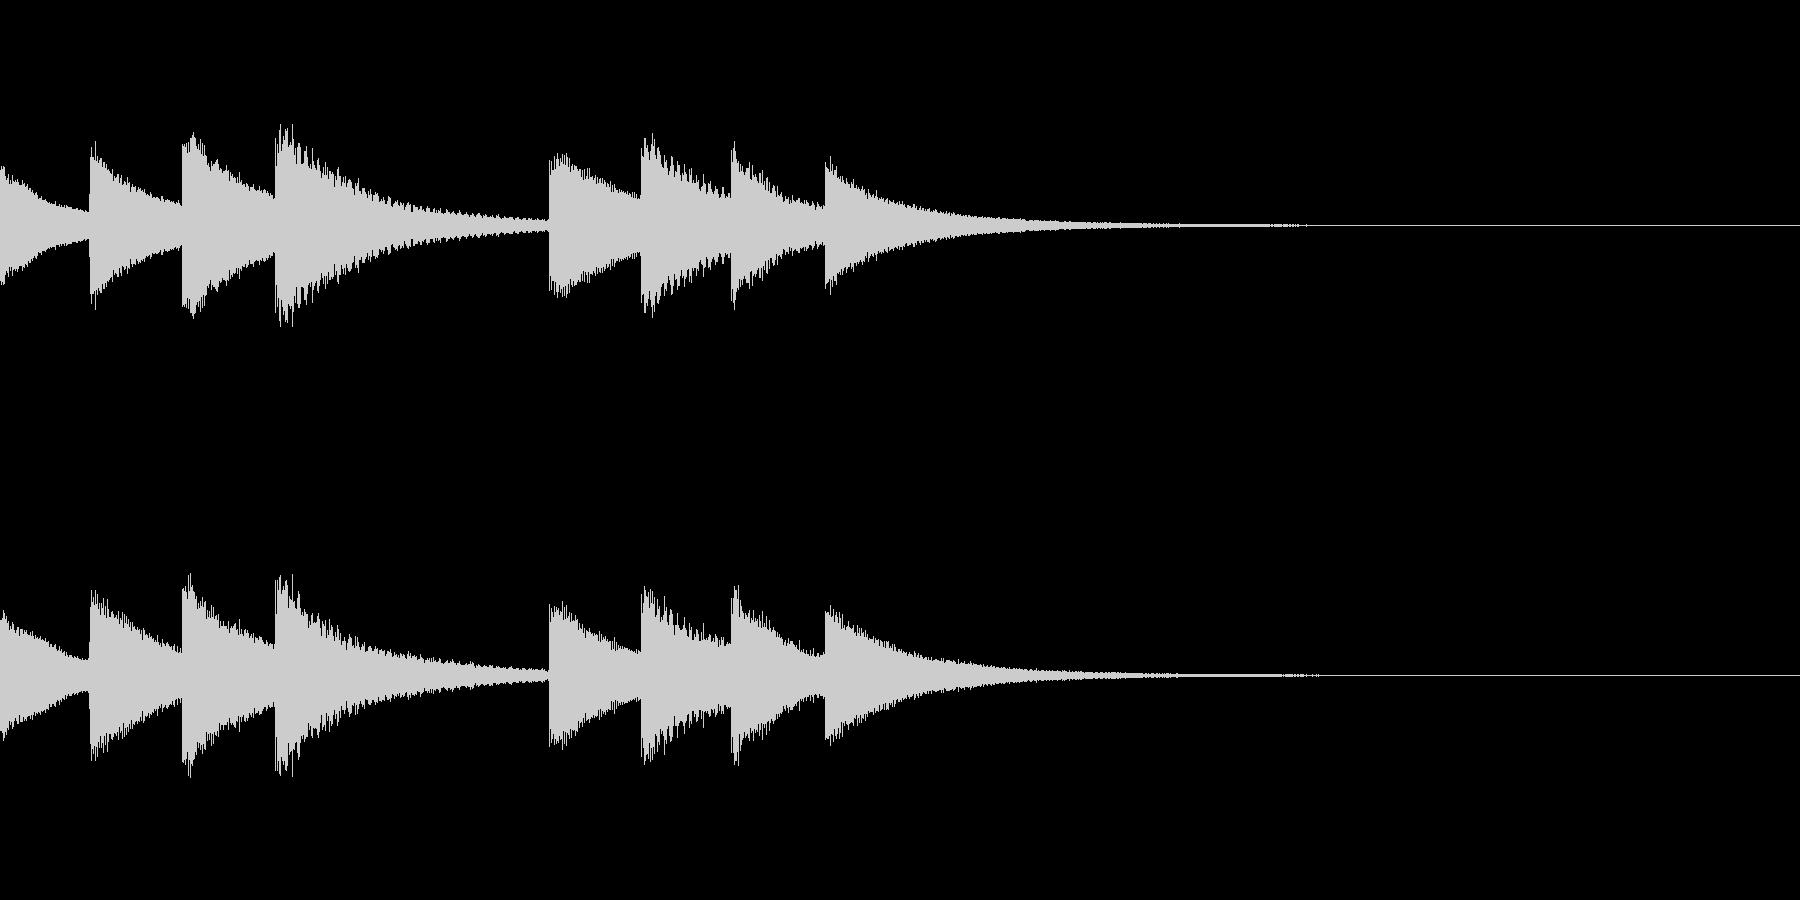 始業・終業 学校のチャイム03の未再生の波形